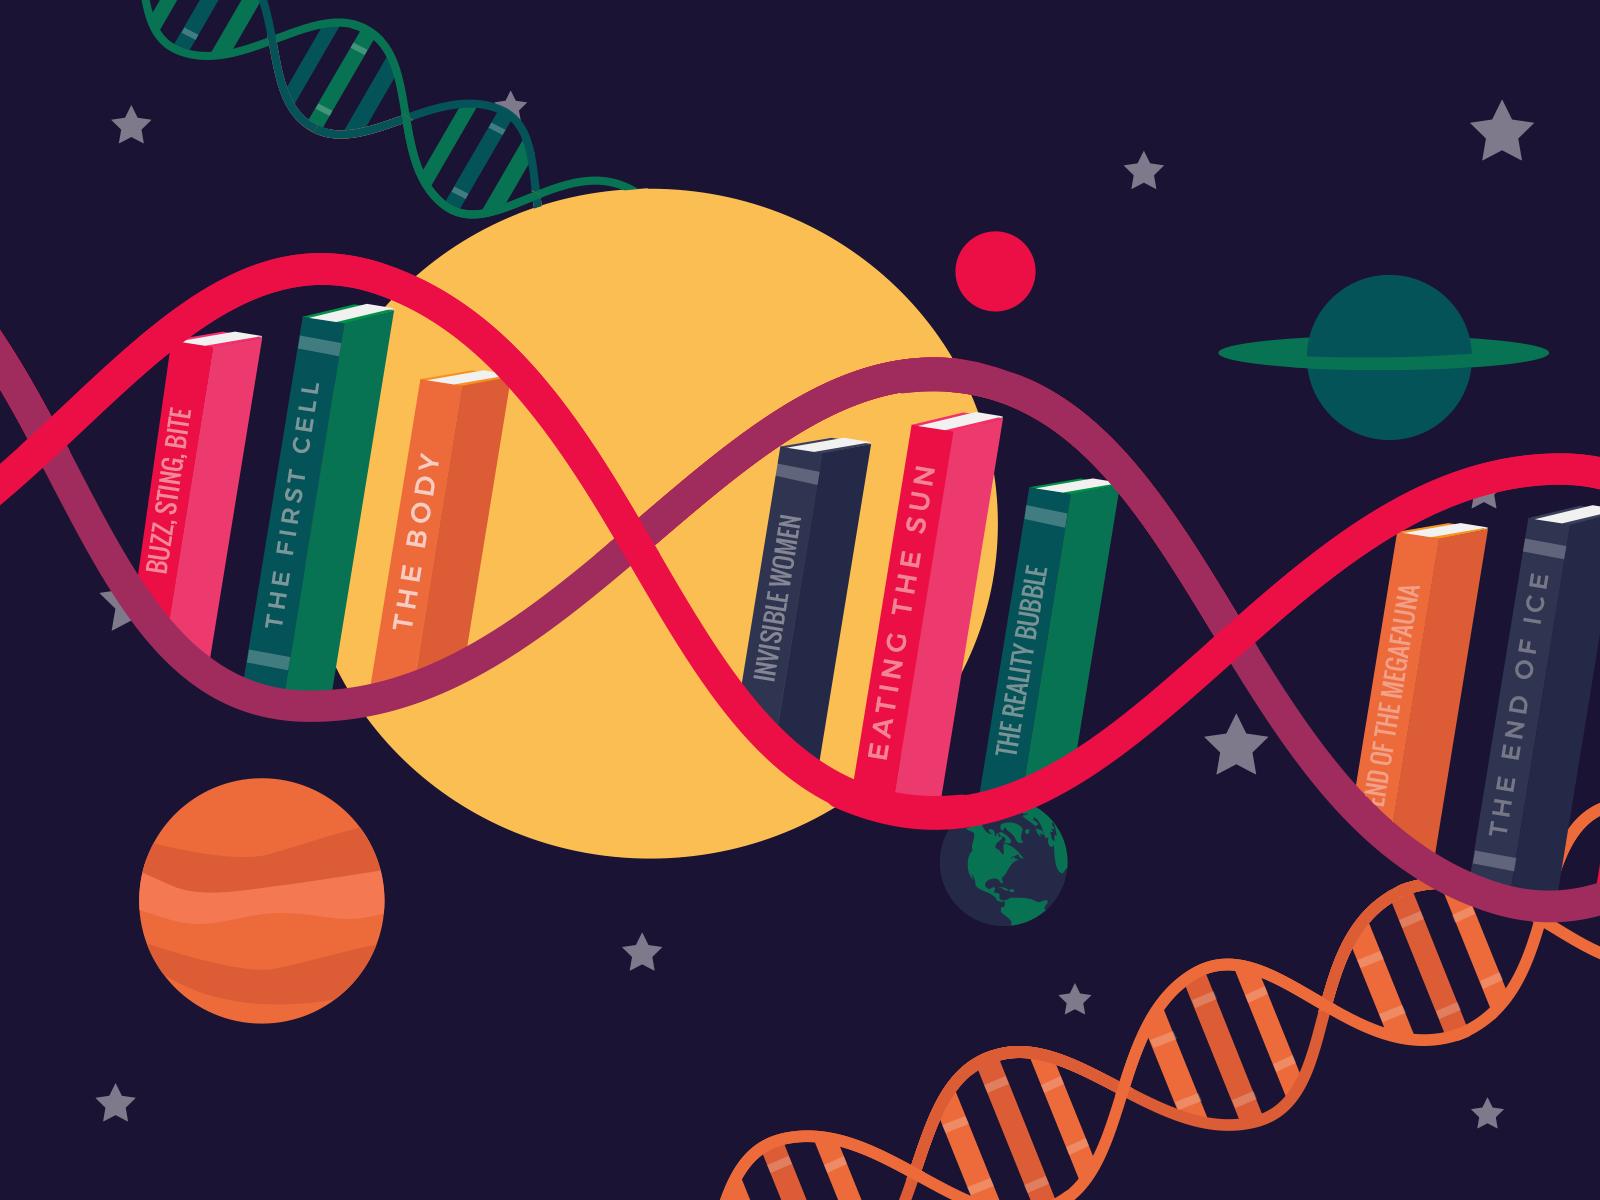 Os 10 melhores livros sobre ciência. Confira alguns dos melhores livros sobre ciência nessa lista que combate as fake news de um modo geral